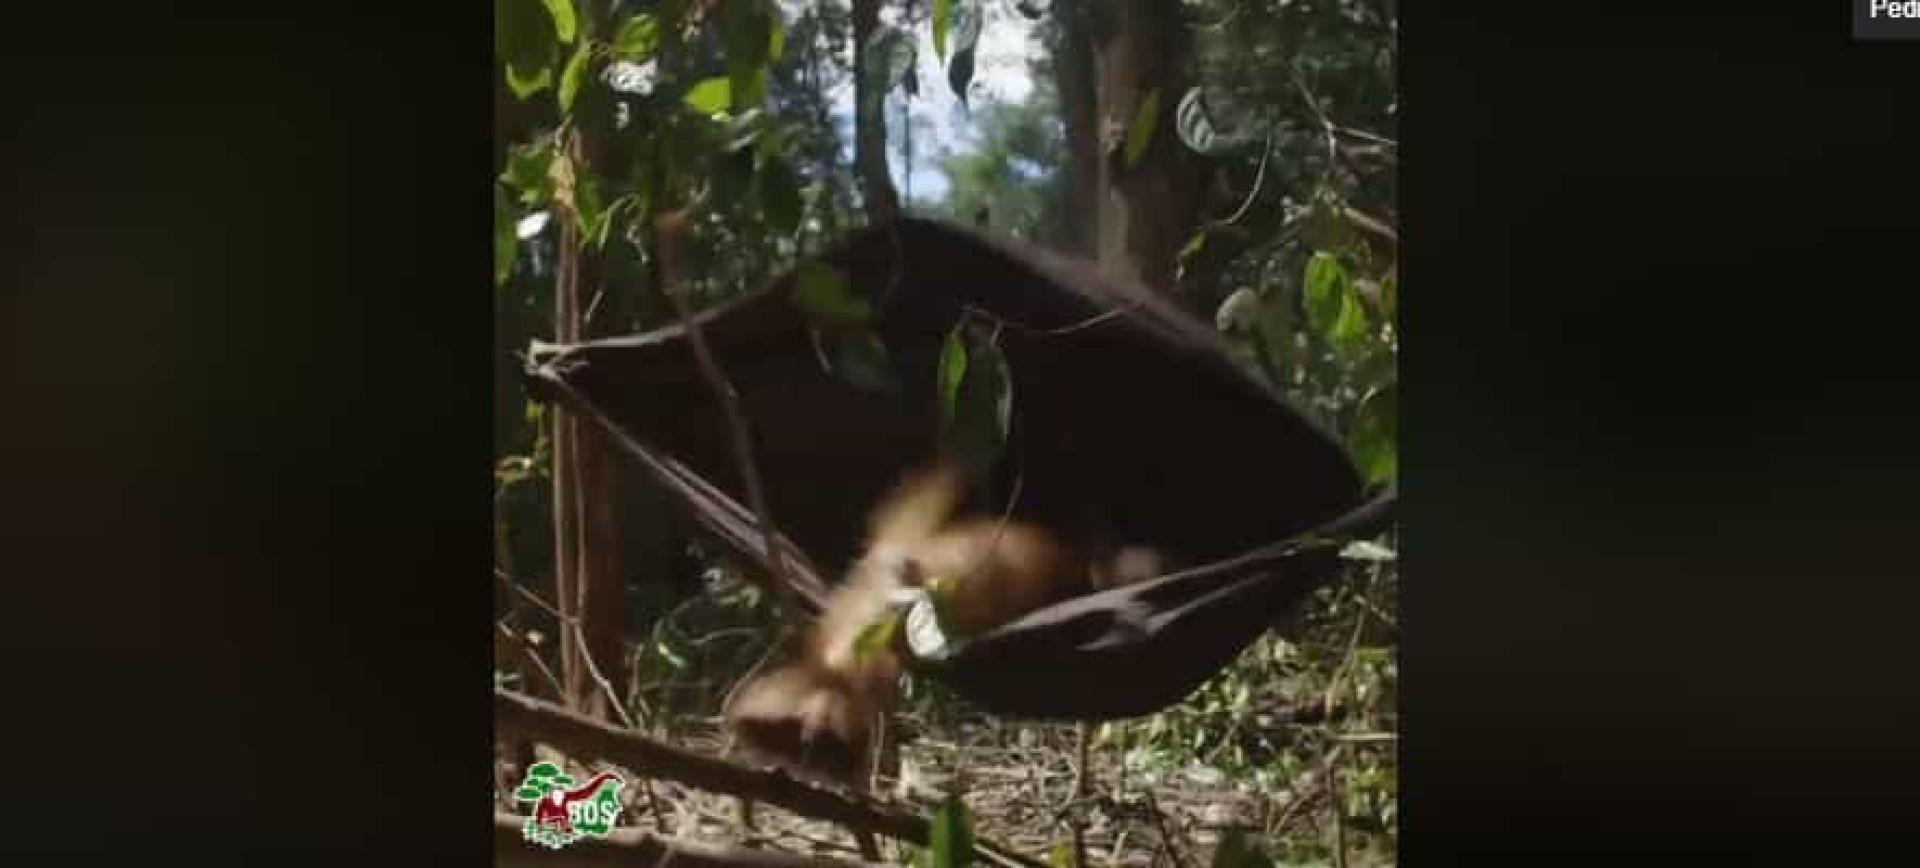 A tentativa (frustrada) de orangotango em deitar-se numa cama de baloiço